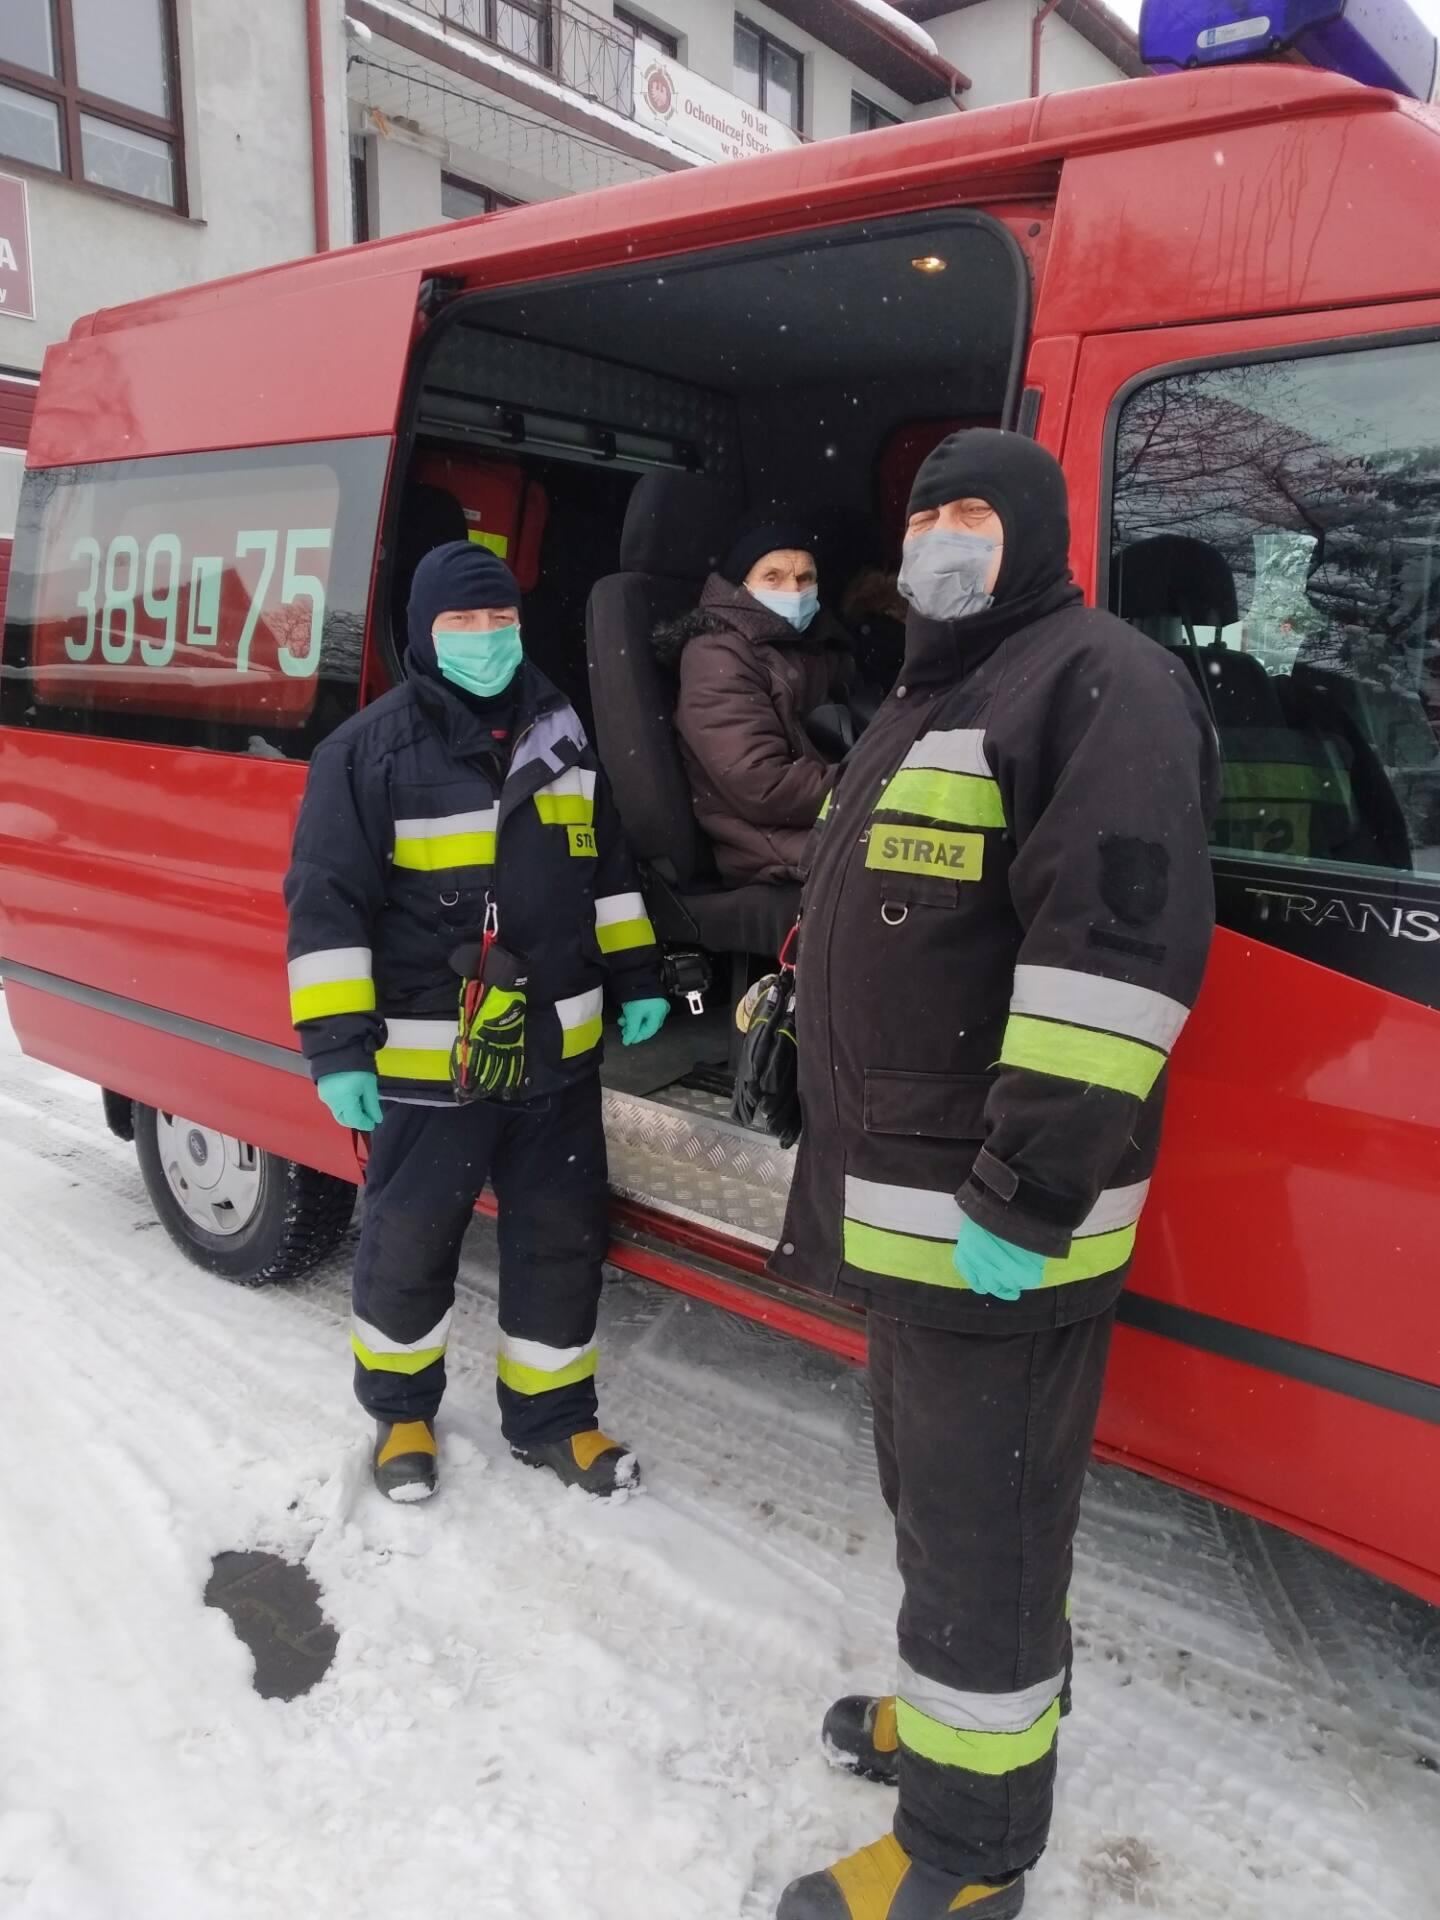 radecznica 1 Strażacy dowożą na szczepienia przeciwko COVID-19